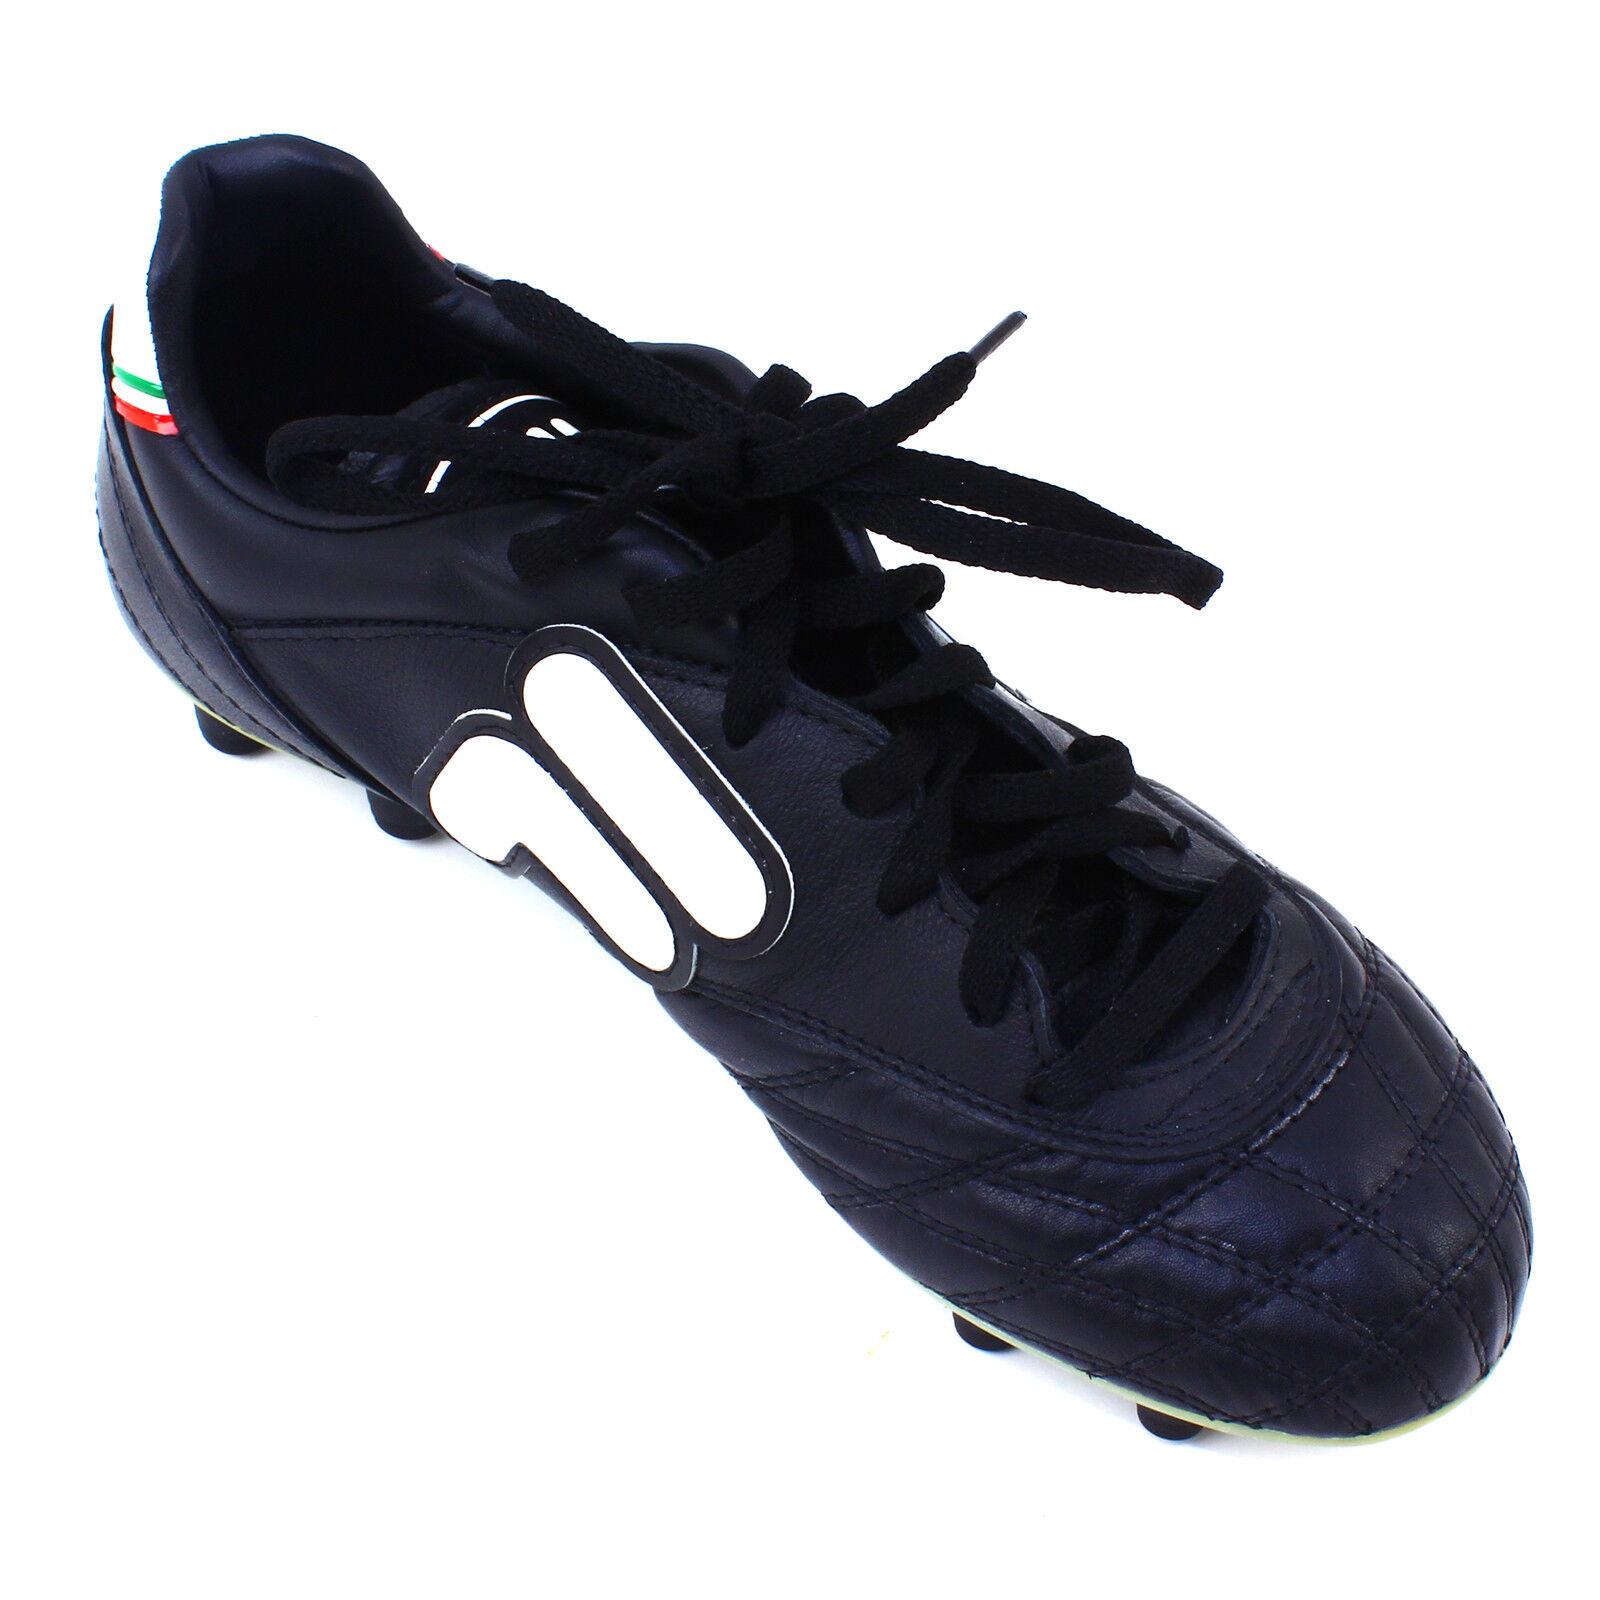 Zapatillas de Hombre Deporte Casual Gimnasio Caminar Fila Maestro Md Talla UK 5